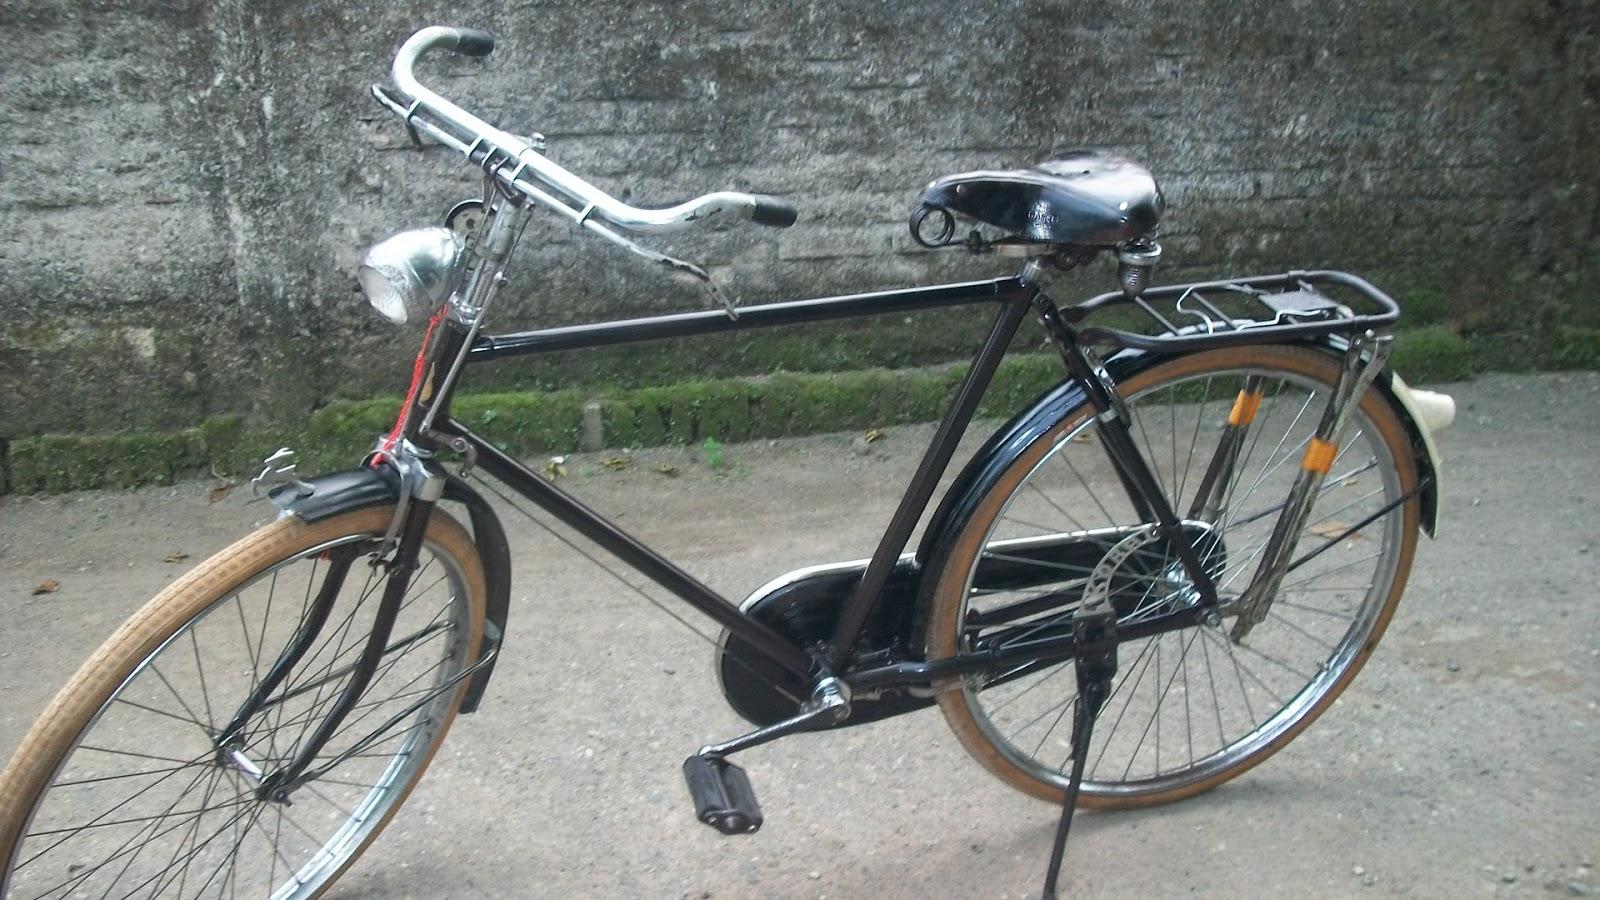 Koleksi Sepeda Onthel Kuno c ANTIK: GAZELLE HEREN seri 8